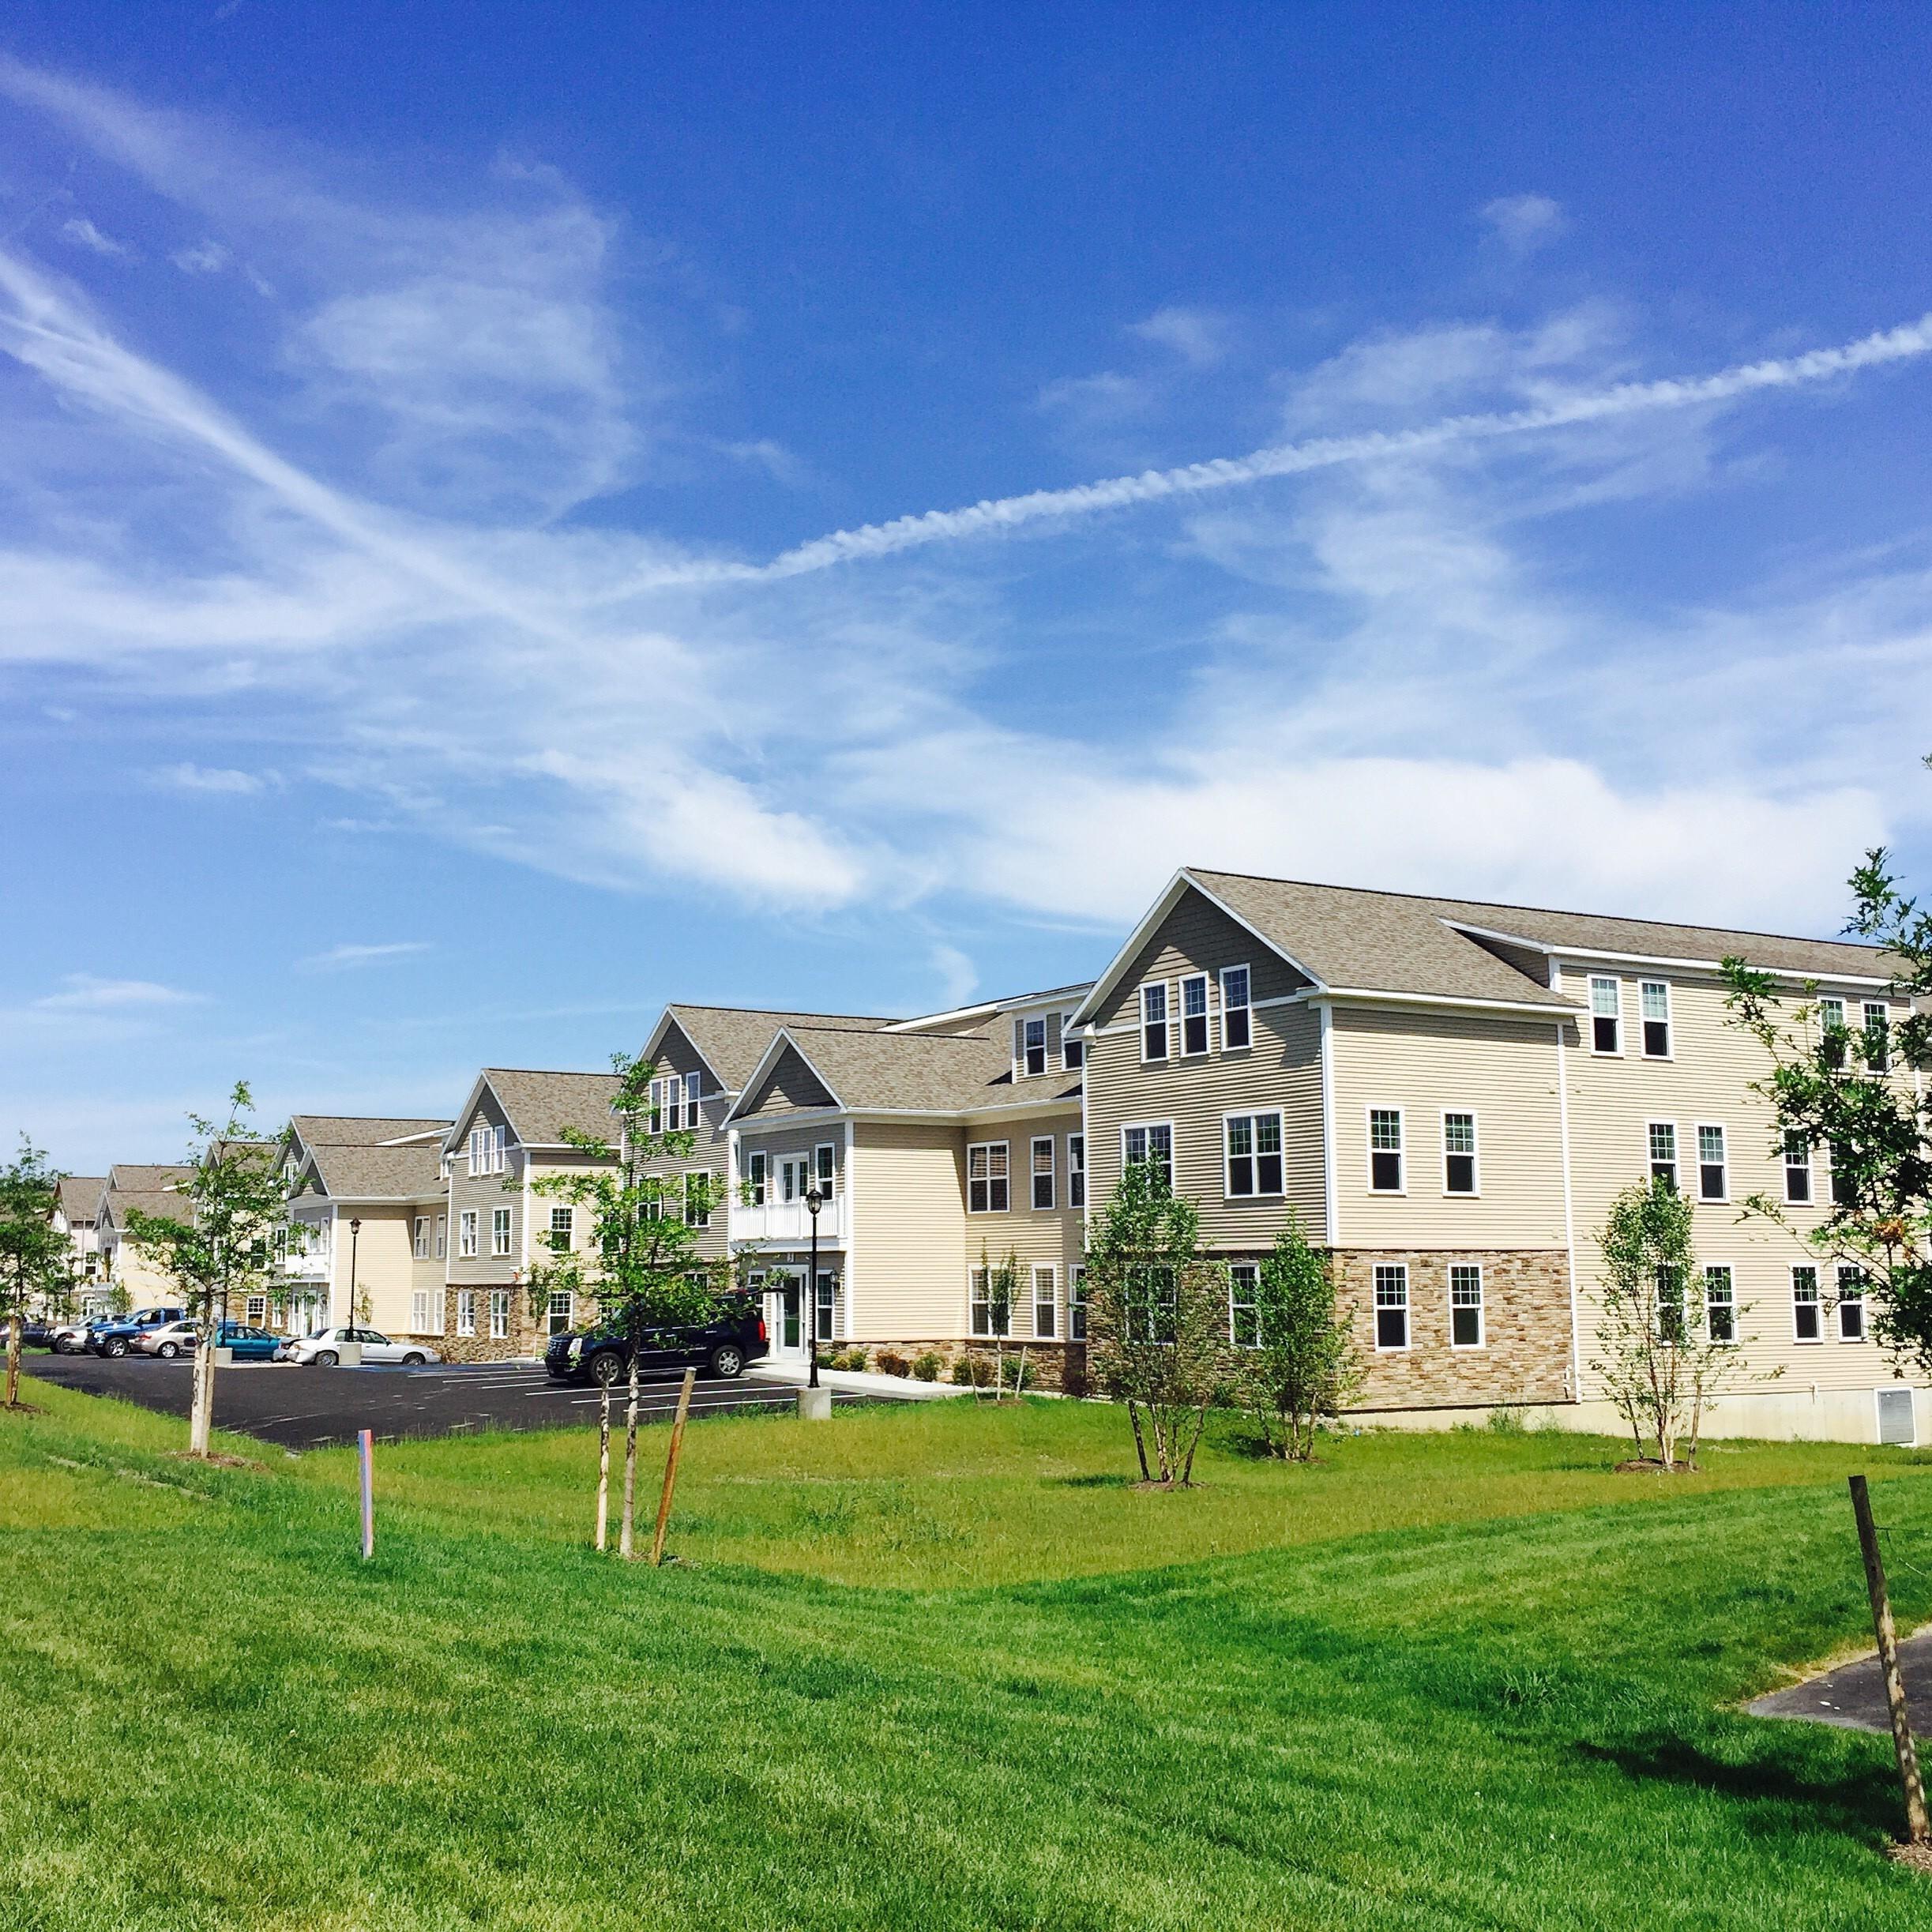 Apartments Near UAlbany Iroquois Village for SUNY University at Albany Students in Albany, NY